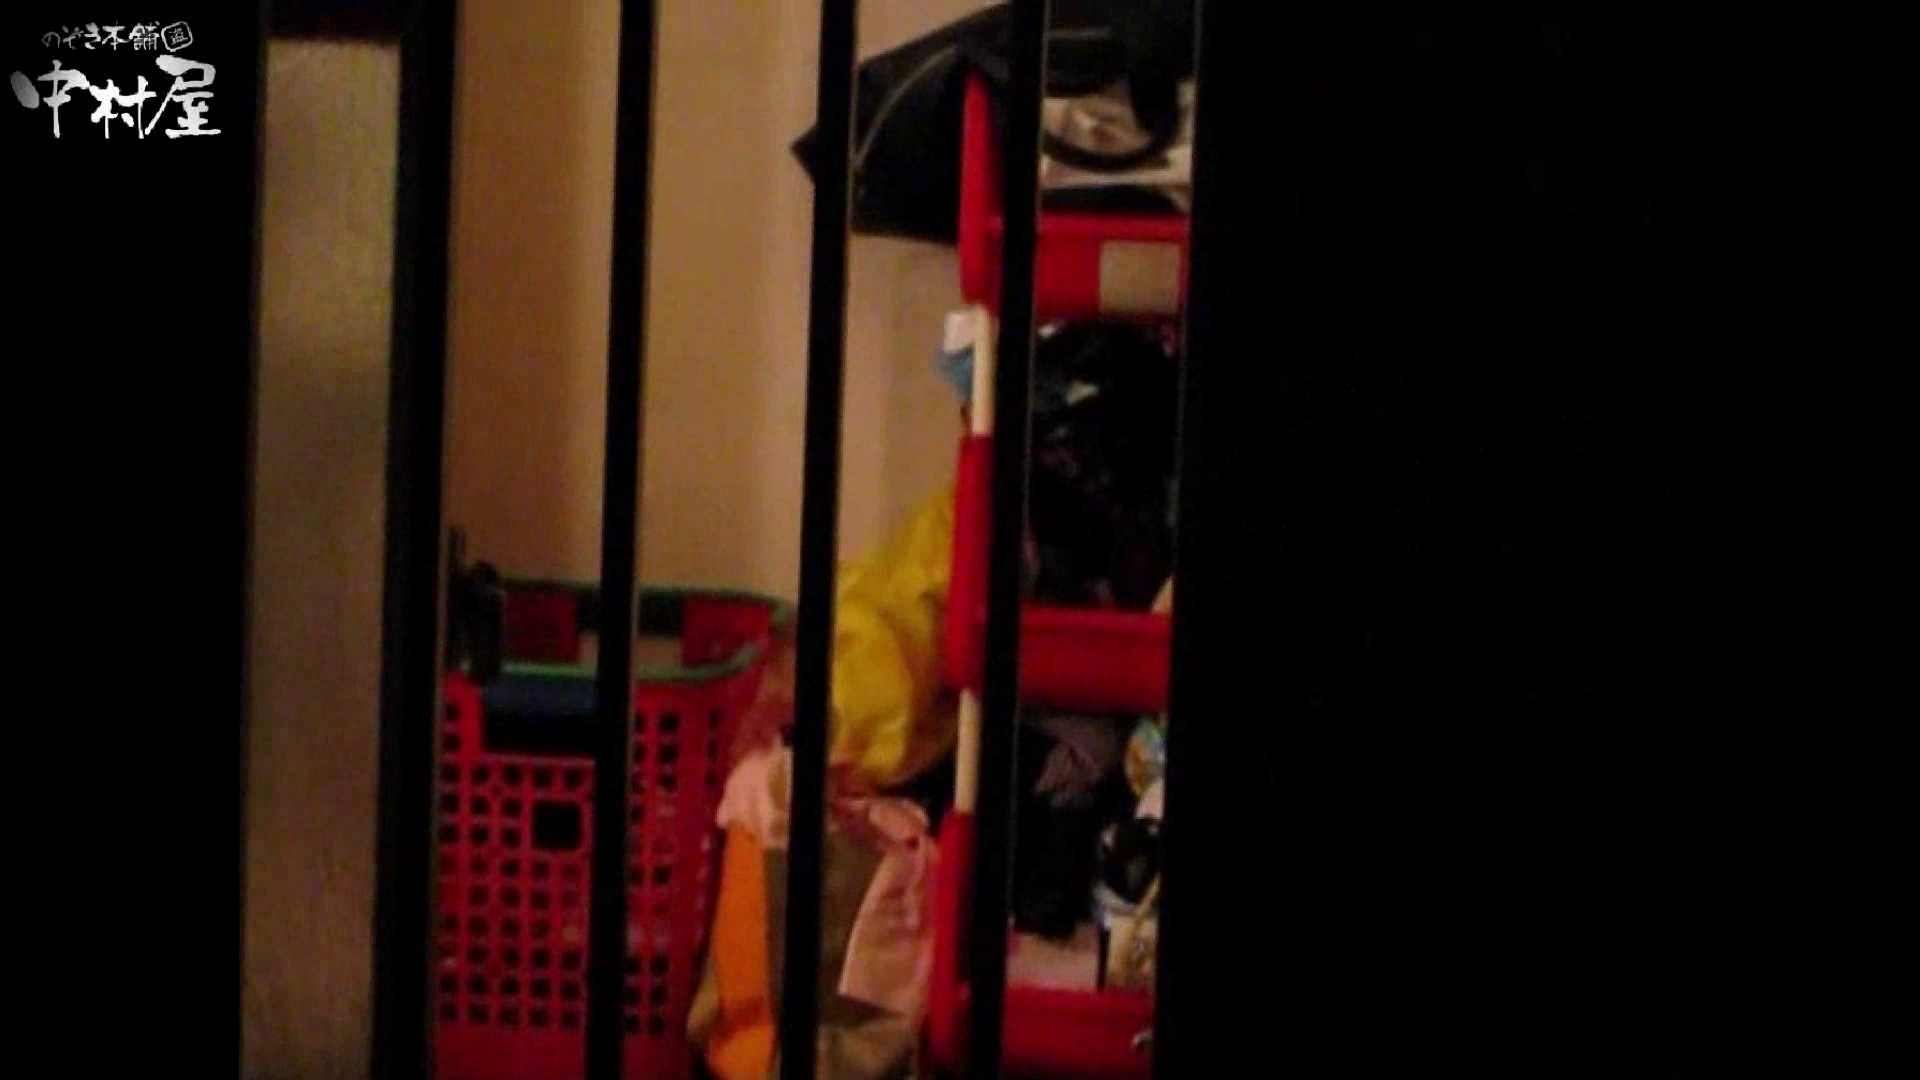 民家風呂専門盗撮師の超危険映像 vol.003 美少女丸裸 AV無料動画キャプチャ 93pic 41